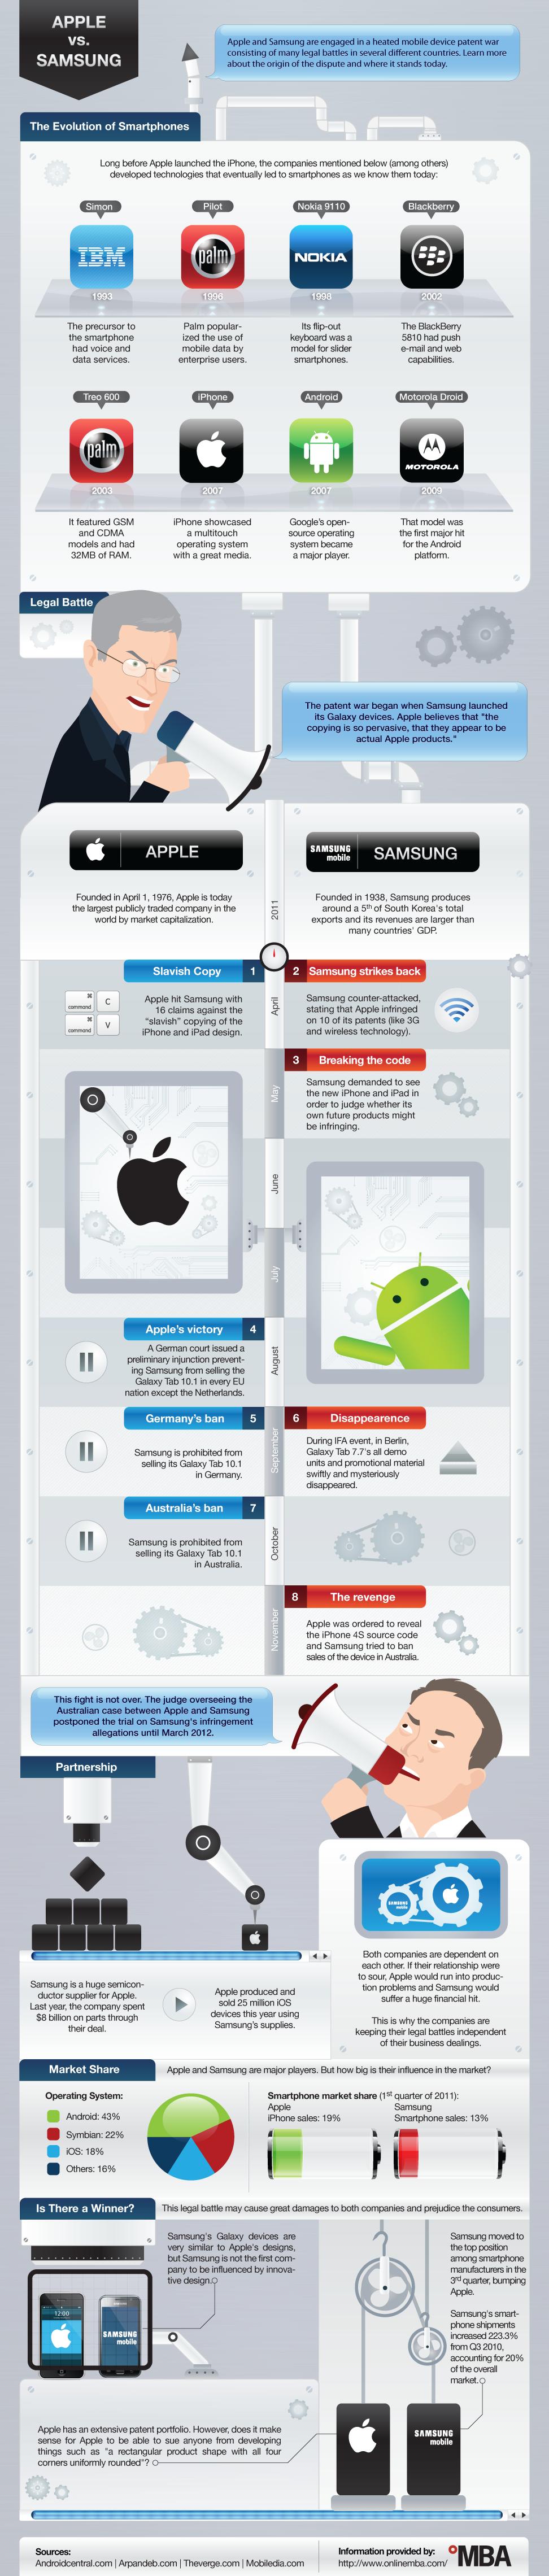 Apple срещу Samsung: Войната на патентите /Инфографика/